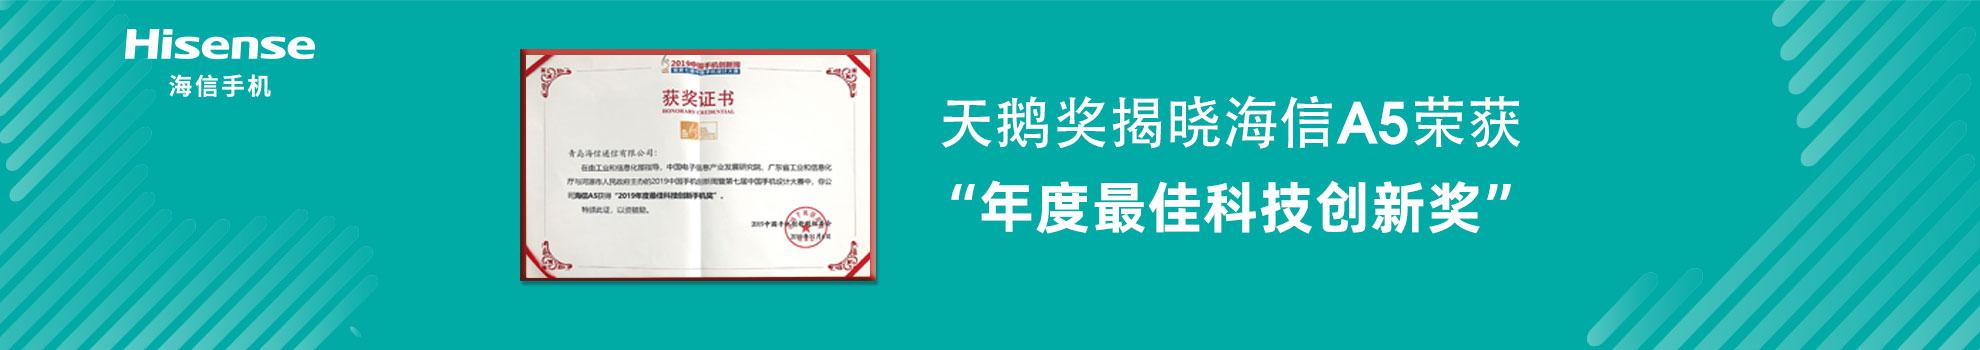 """天鹅奖揭晓 海信阅读手机A5荣获""""年度最佳"""